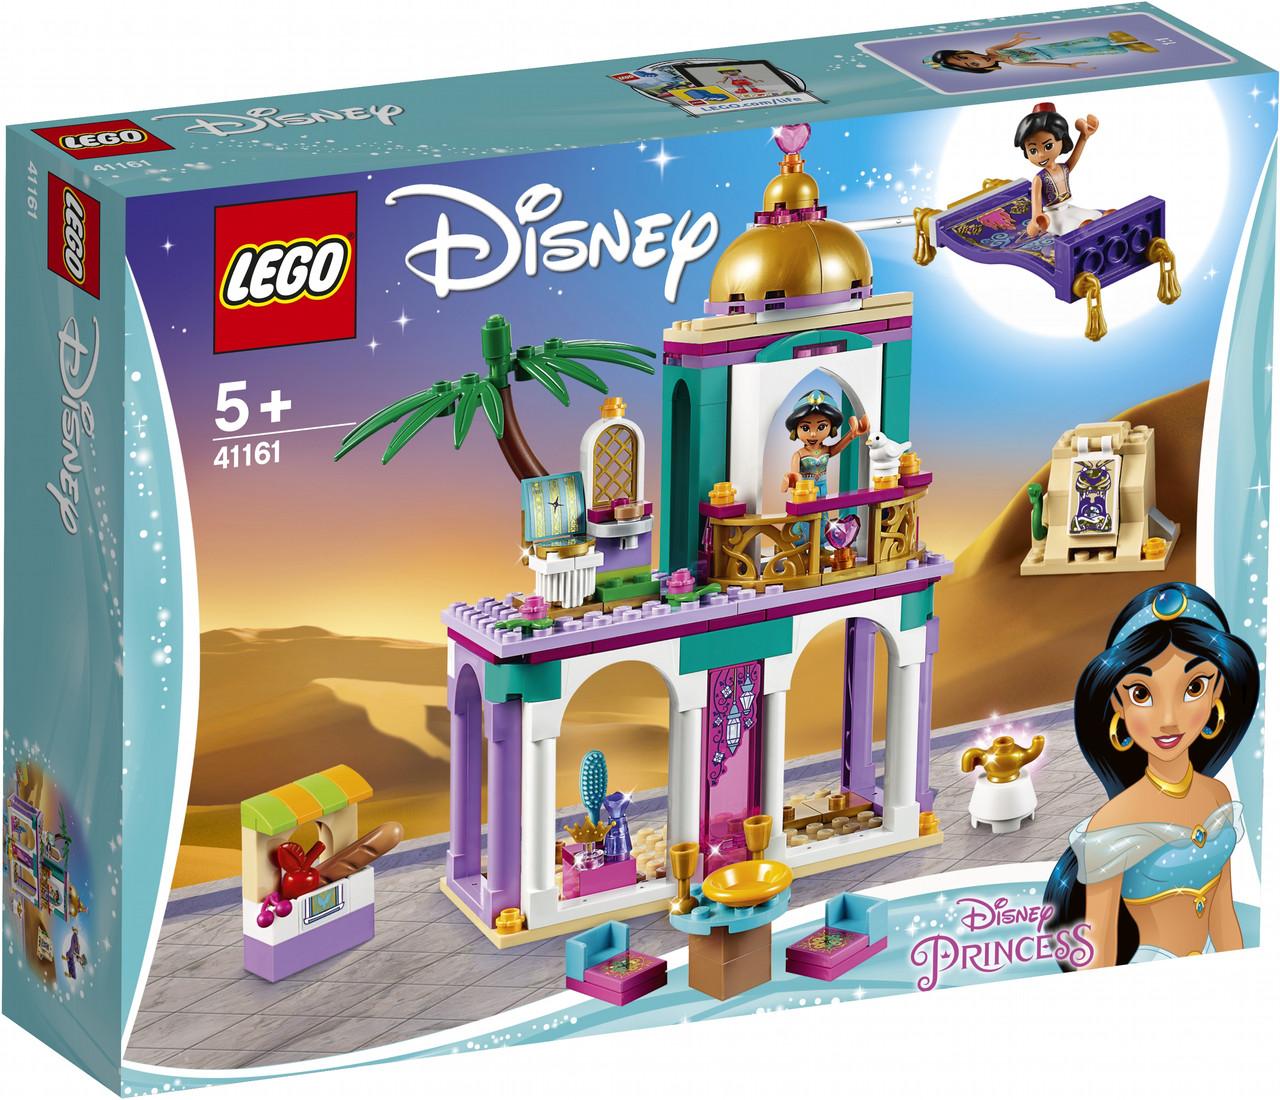 LEGO 41161 Лего Disney Princess Пригоди Аладдіна та Жасмин 193шт (Приключения Аладдина и Жасмин во дворце)  - купить со скидкой